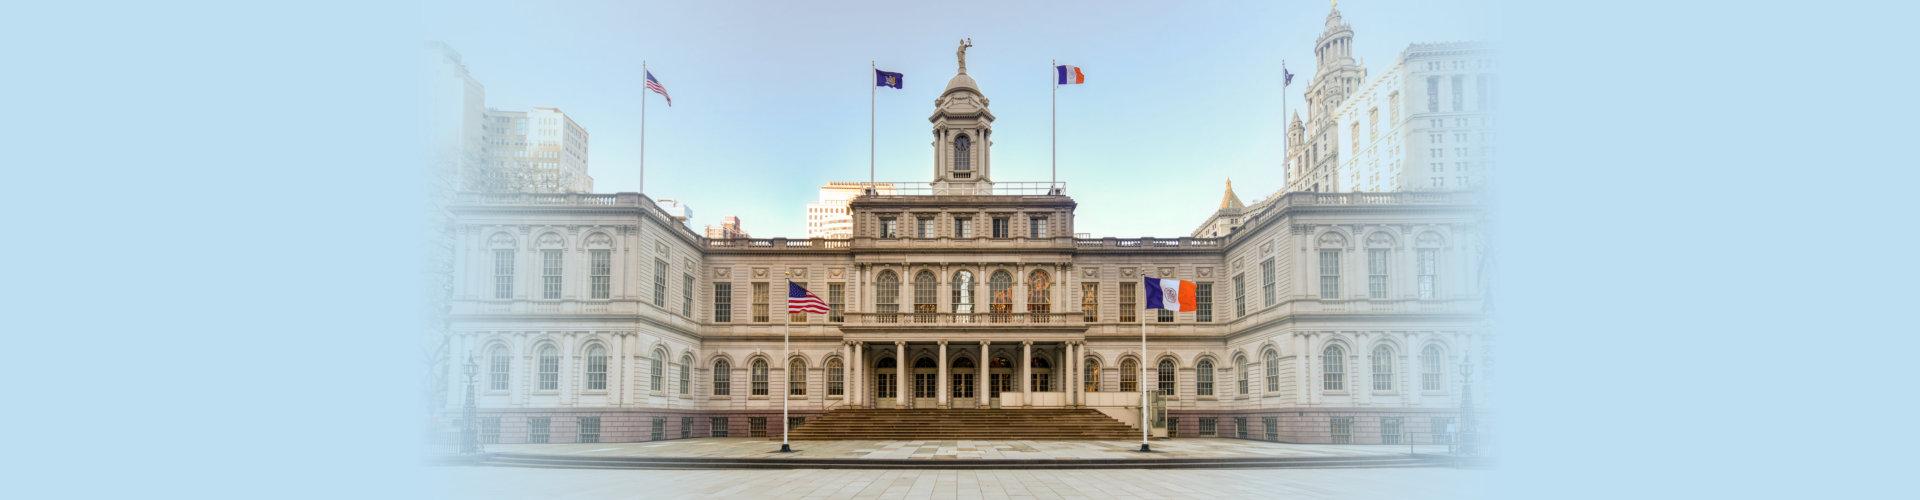 NYC hall